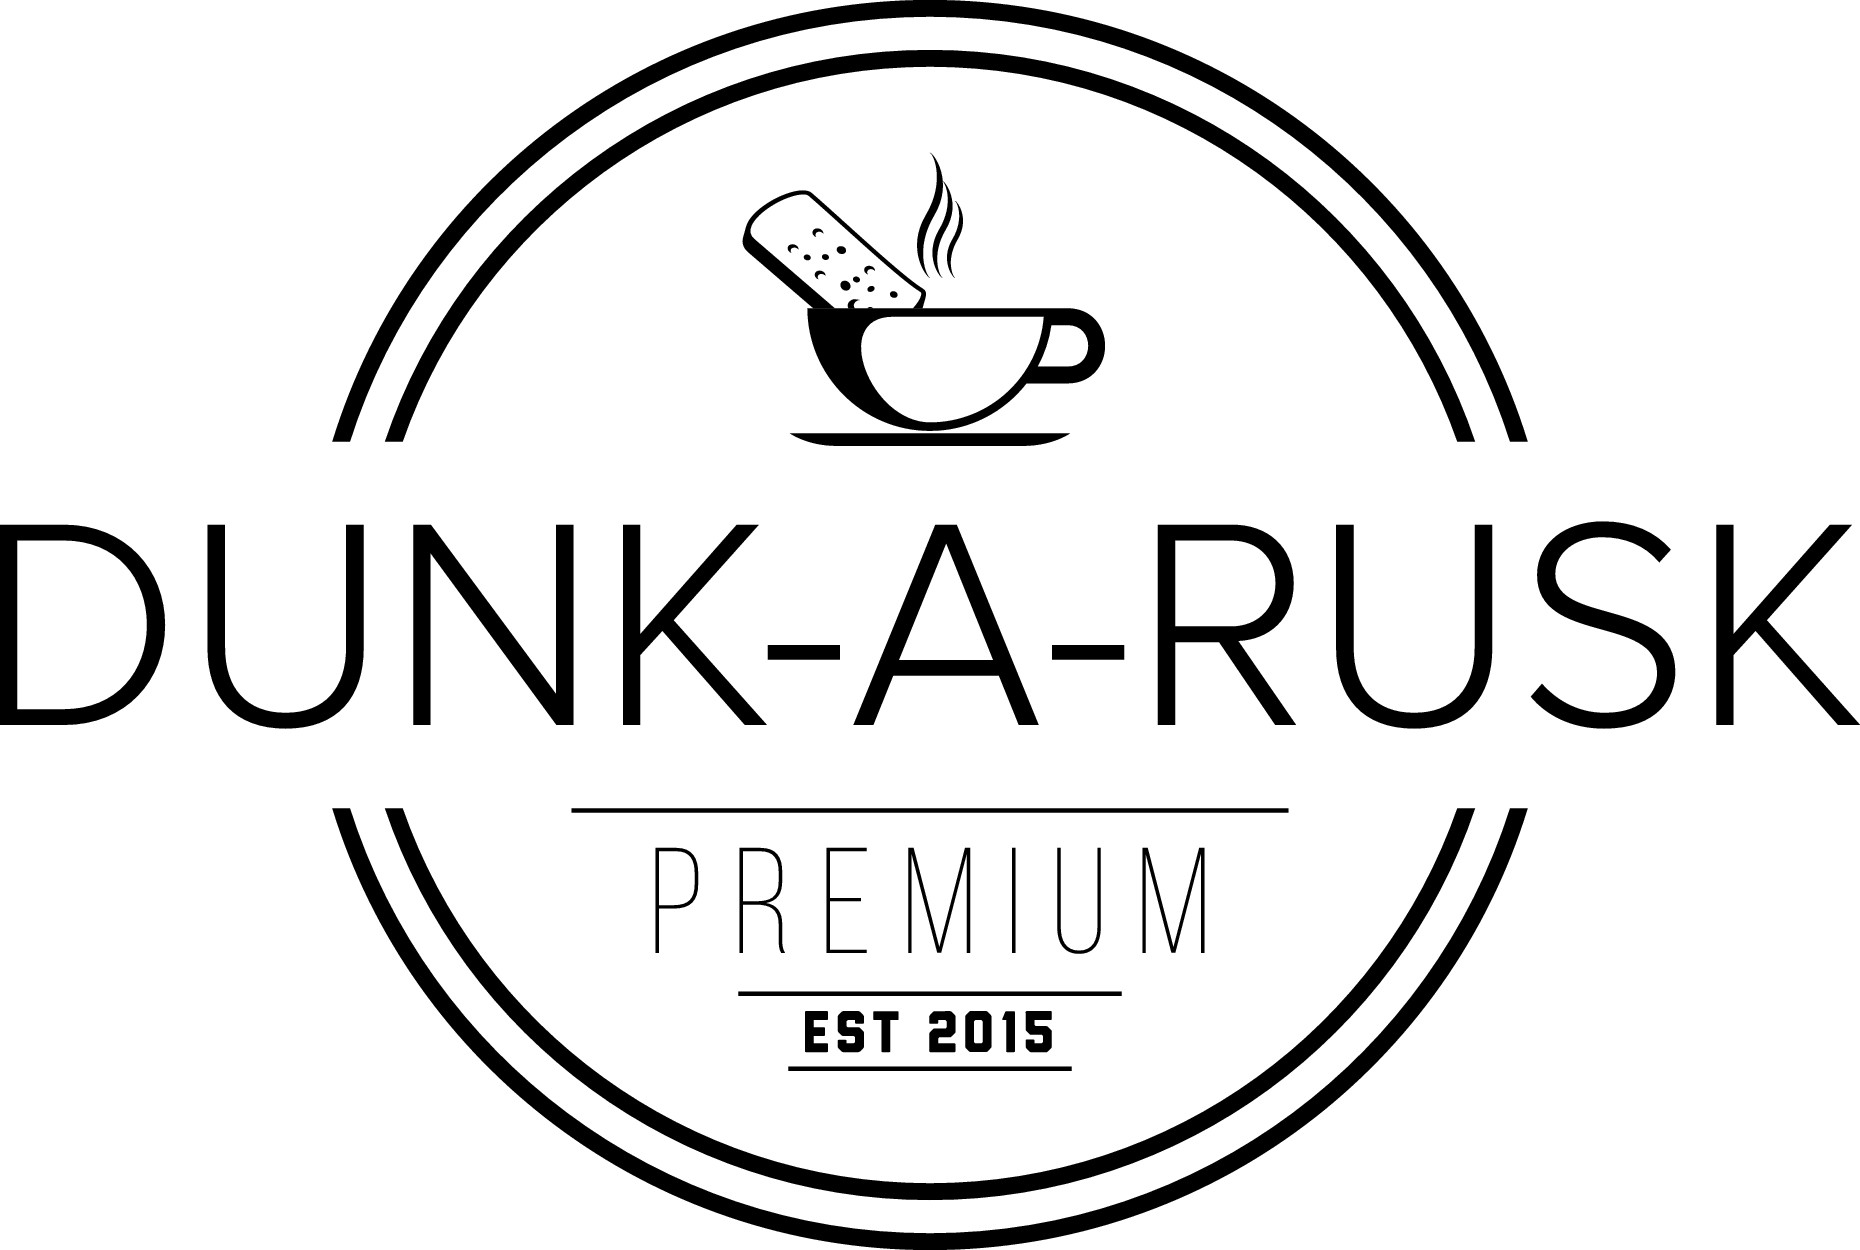 Premium Brand logo Design